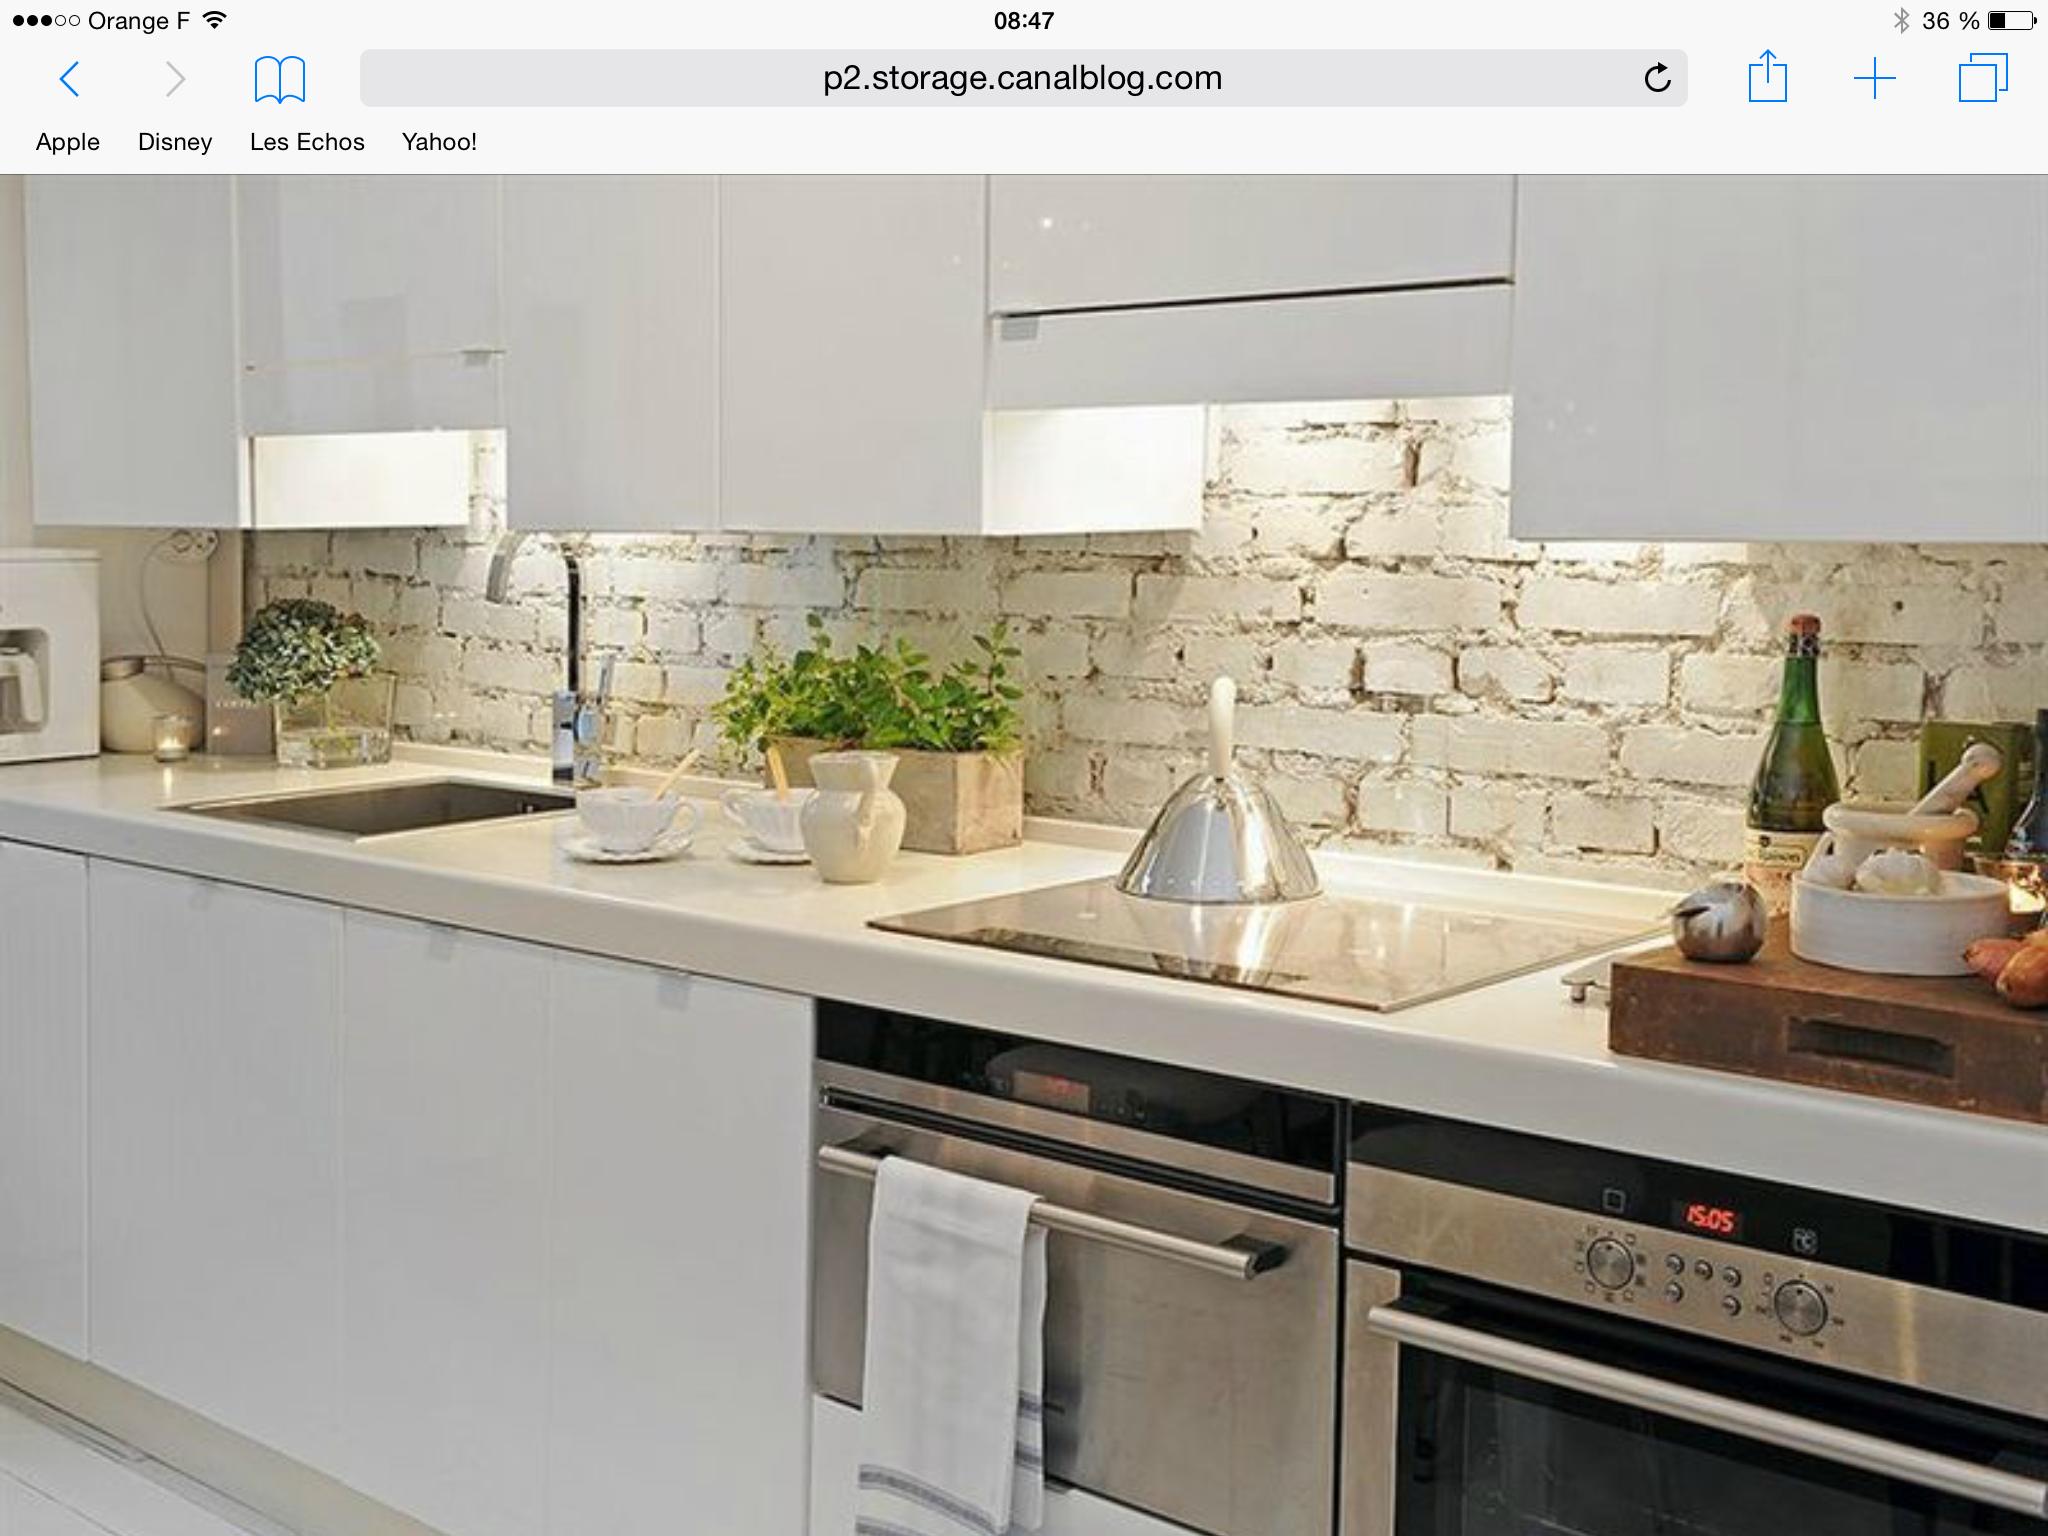 Credence Modern Kitchen Backsplash Diy Kitchen Backsplash